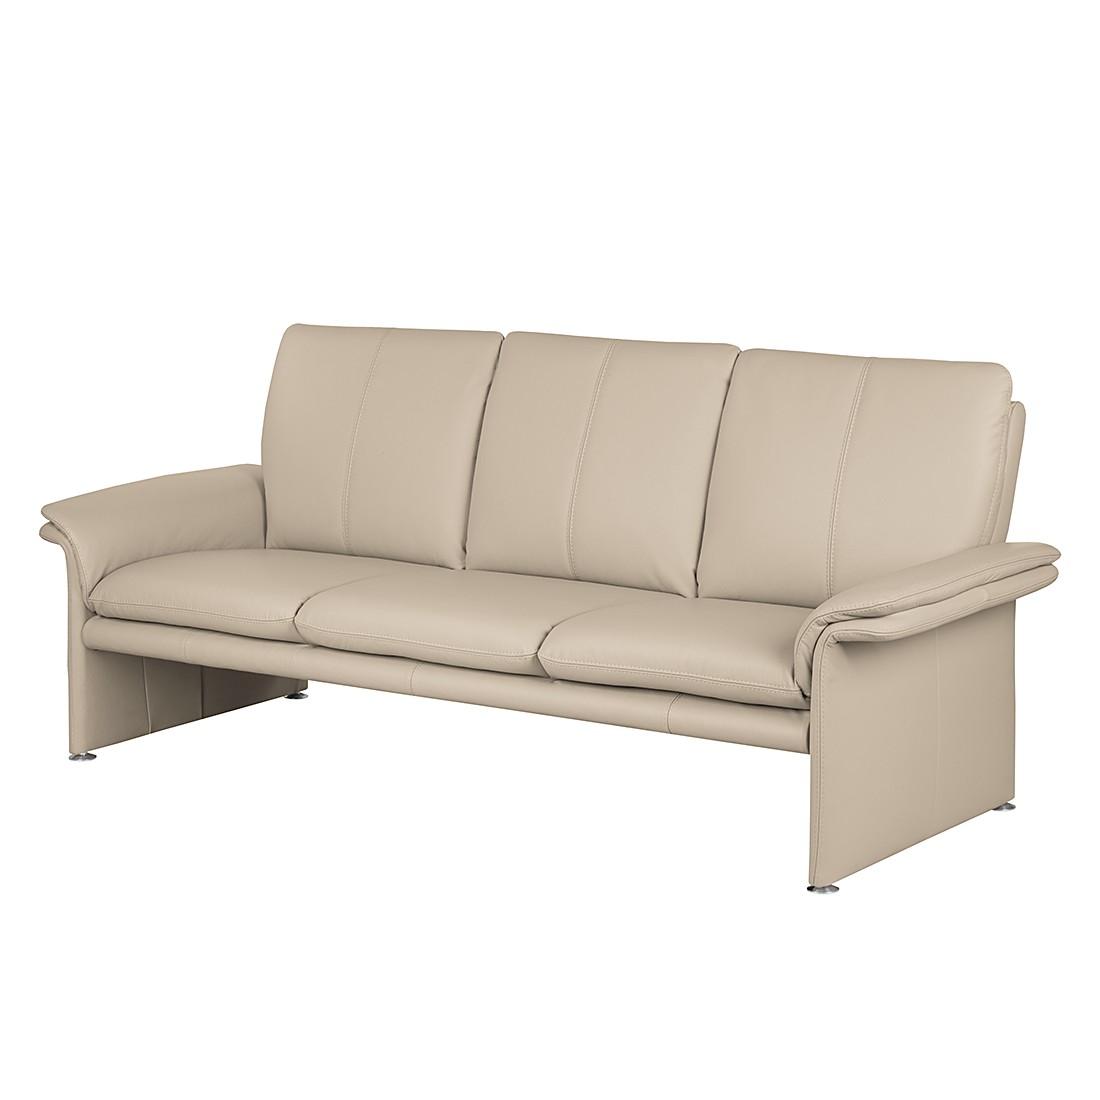 Sofa Capri (3-Sitzer) – Echtleder Taupe, Nuovoform günstig kaufen